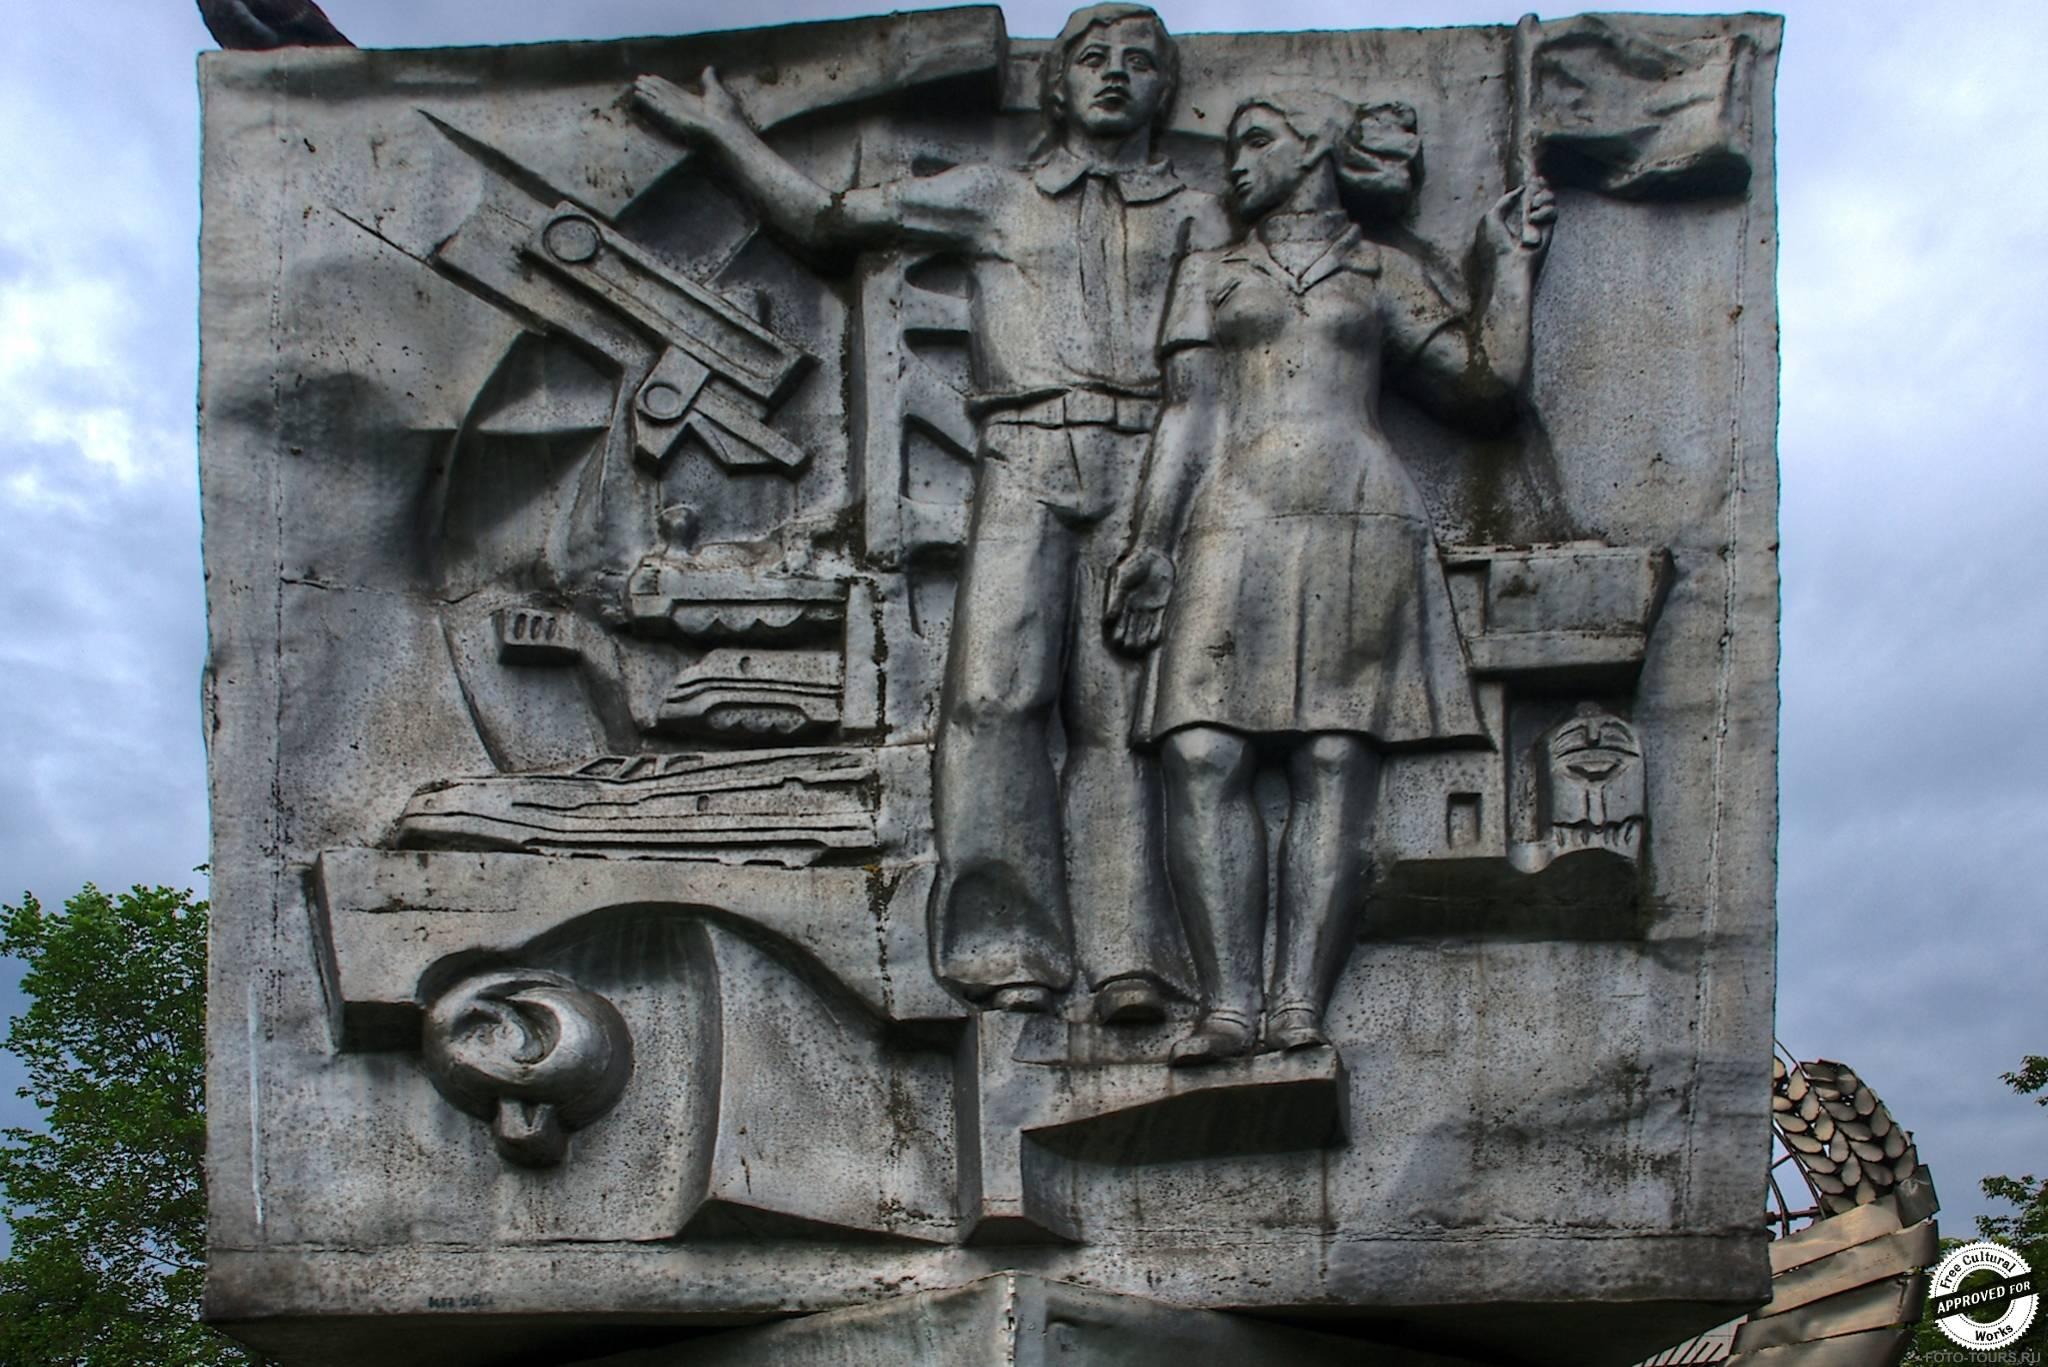 «КУБ»,1970, алюминий, автор Кураев В.М., Музеон, Парки москвы.